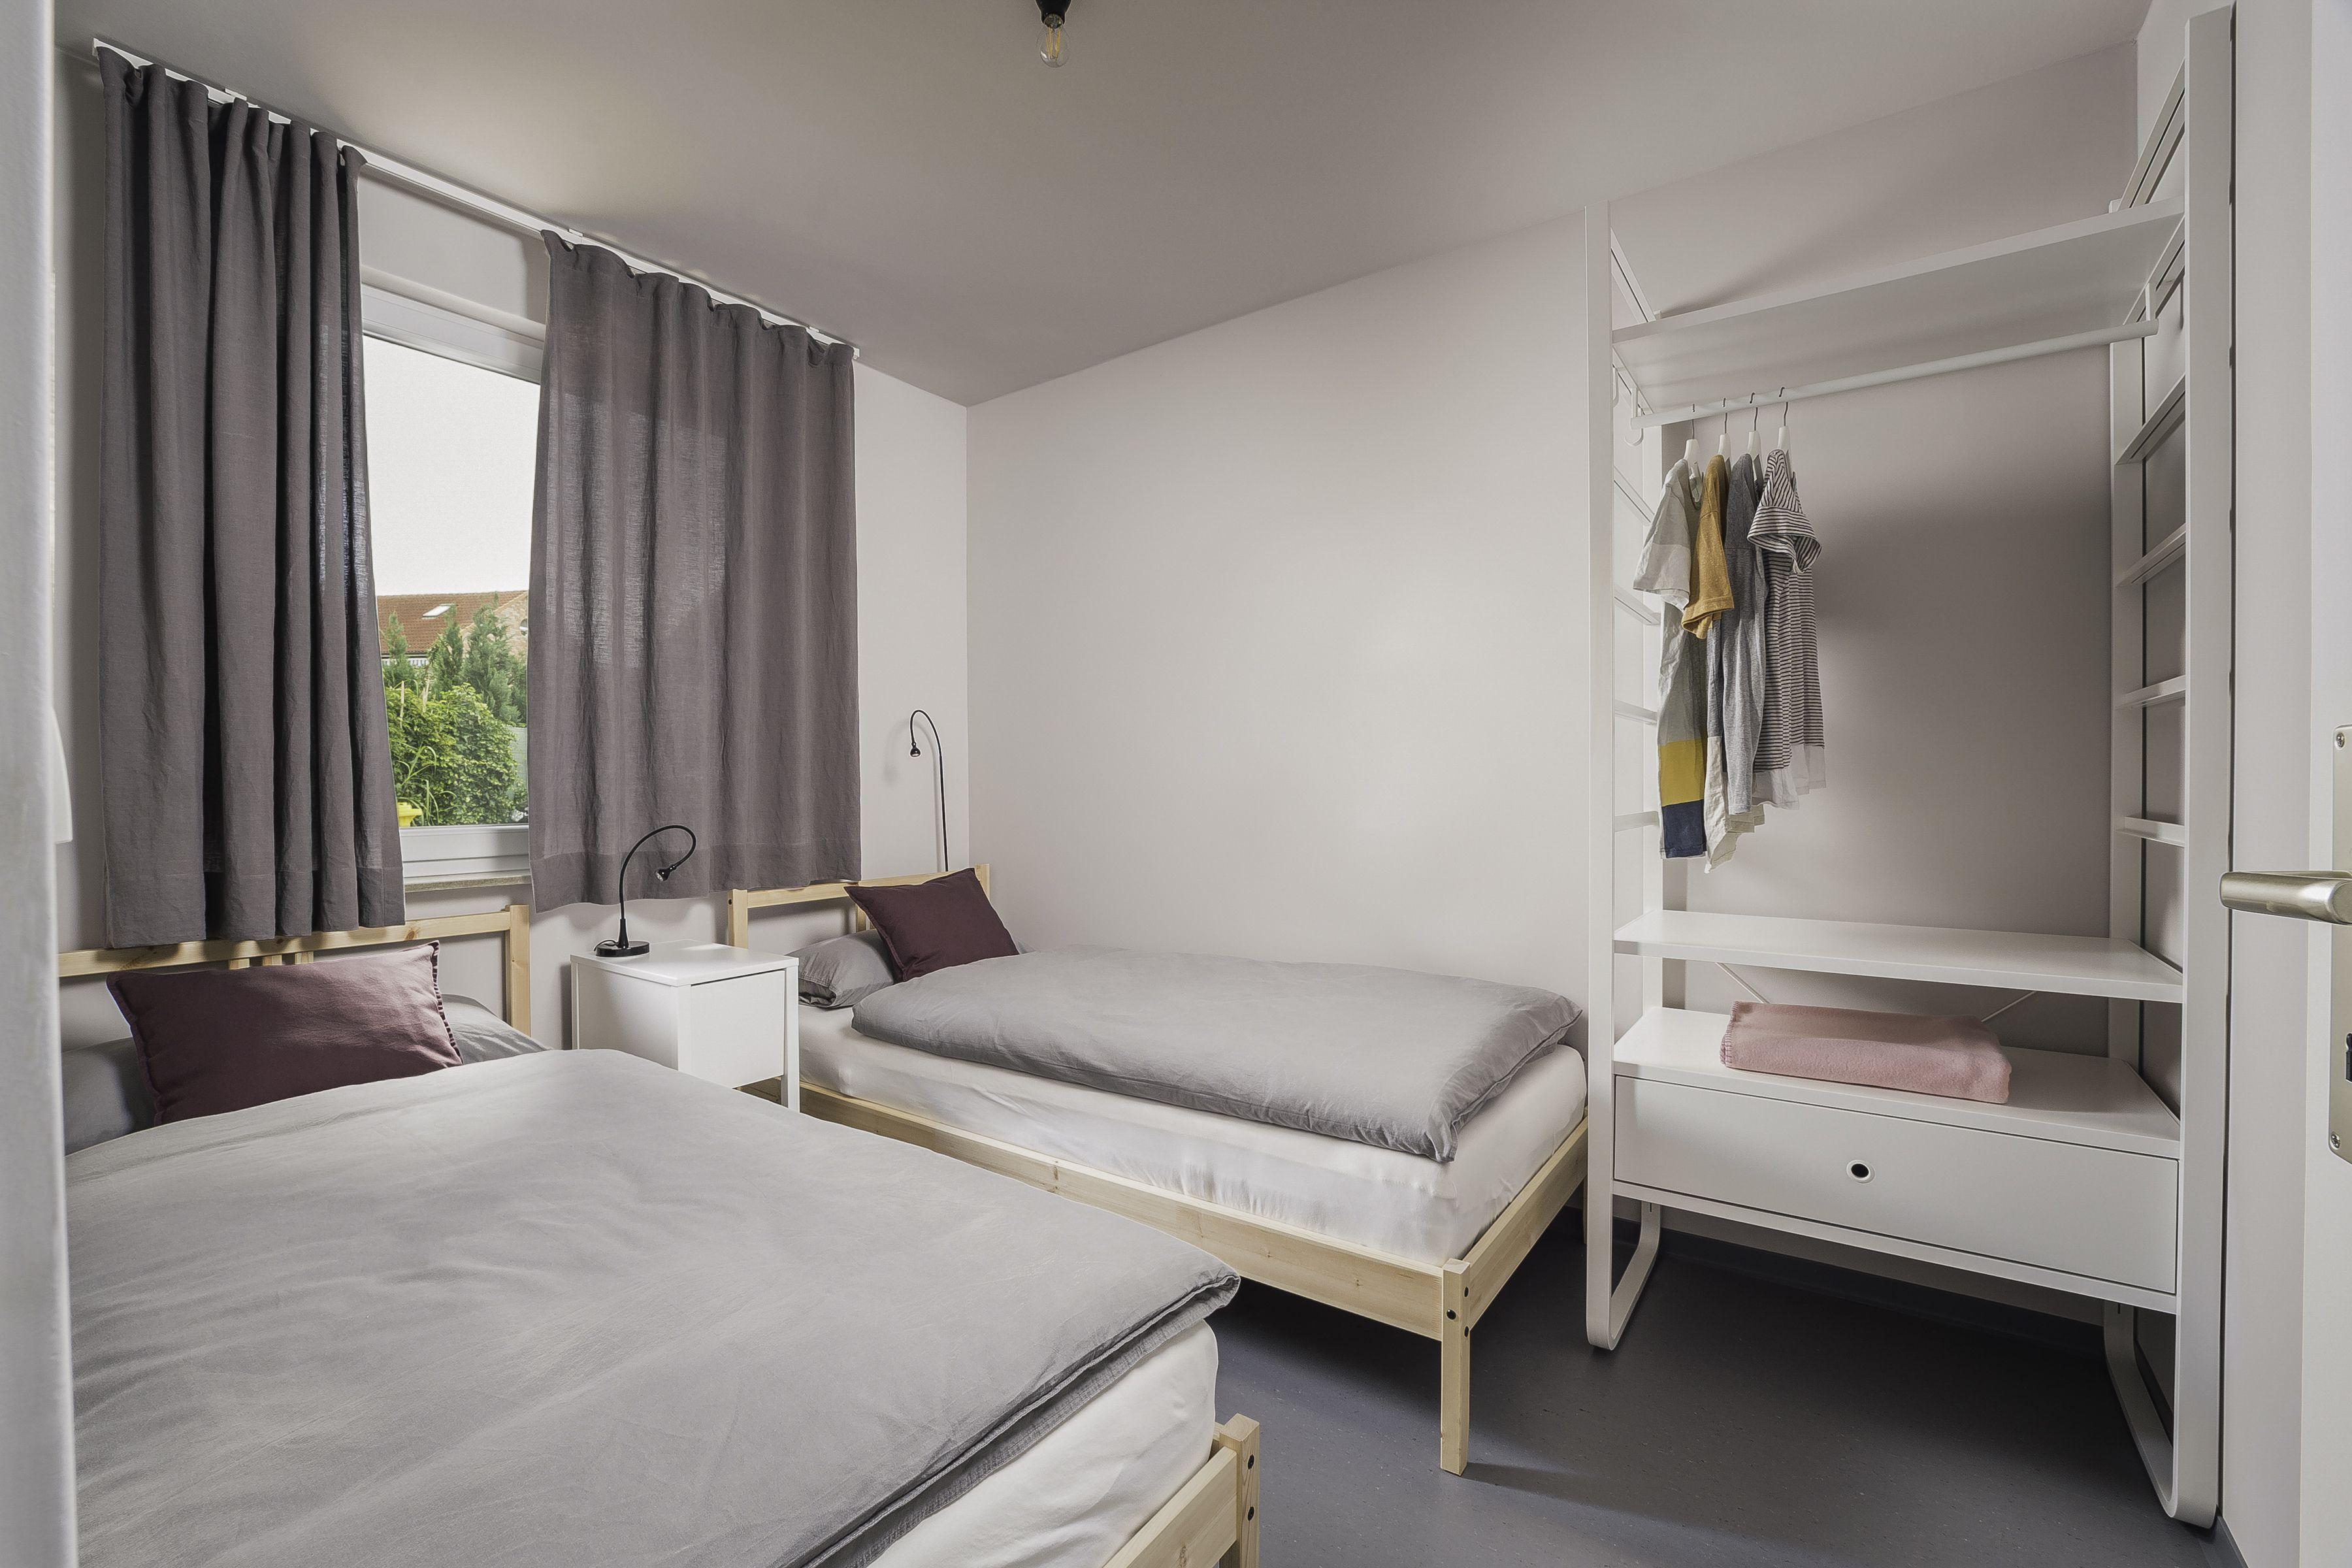 Schöner Schlafen in der Heide Lodge, Ferienwohnung an der